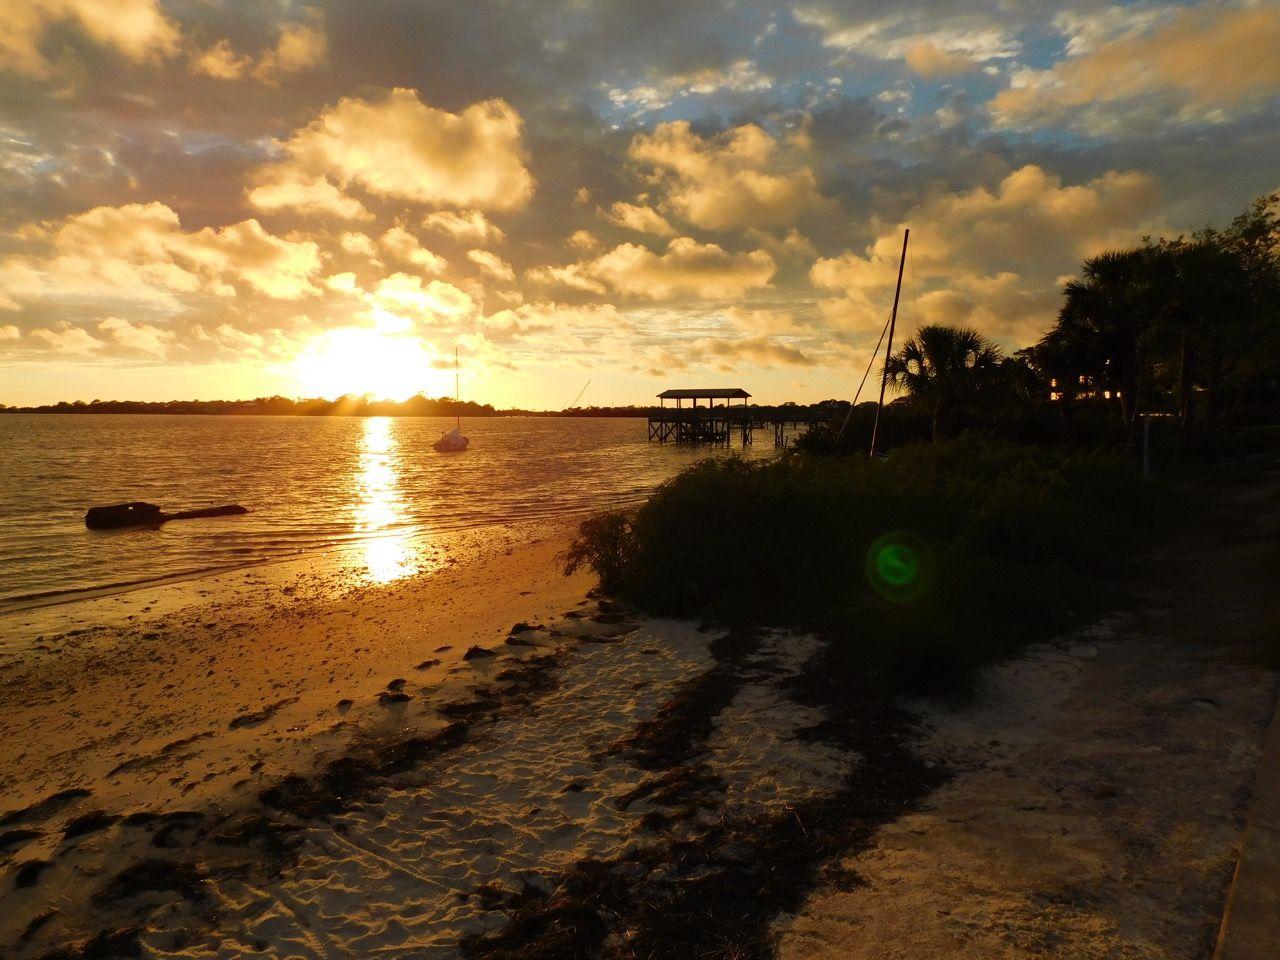 Coucher de soleil sur l'Île de Cedar Key, en Floride.